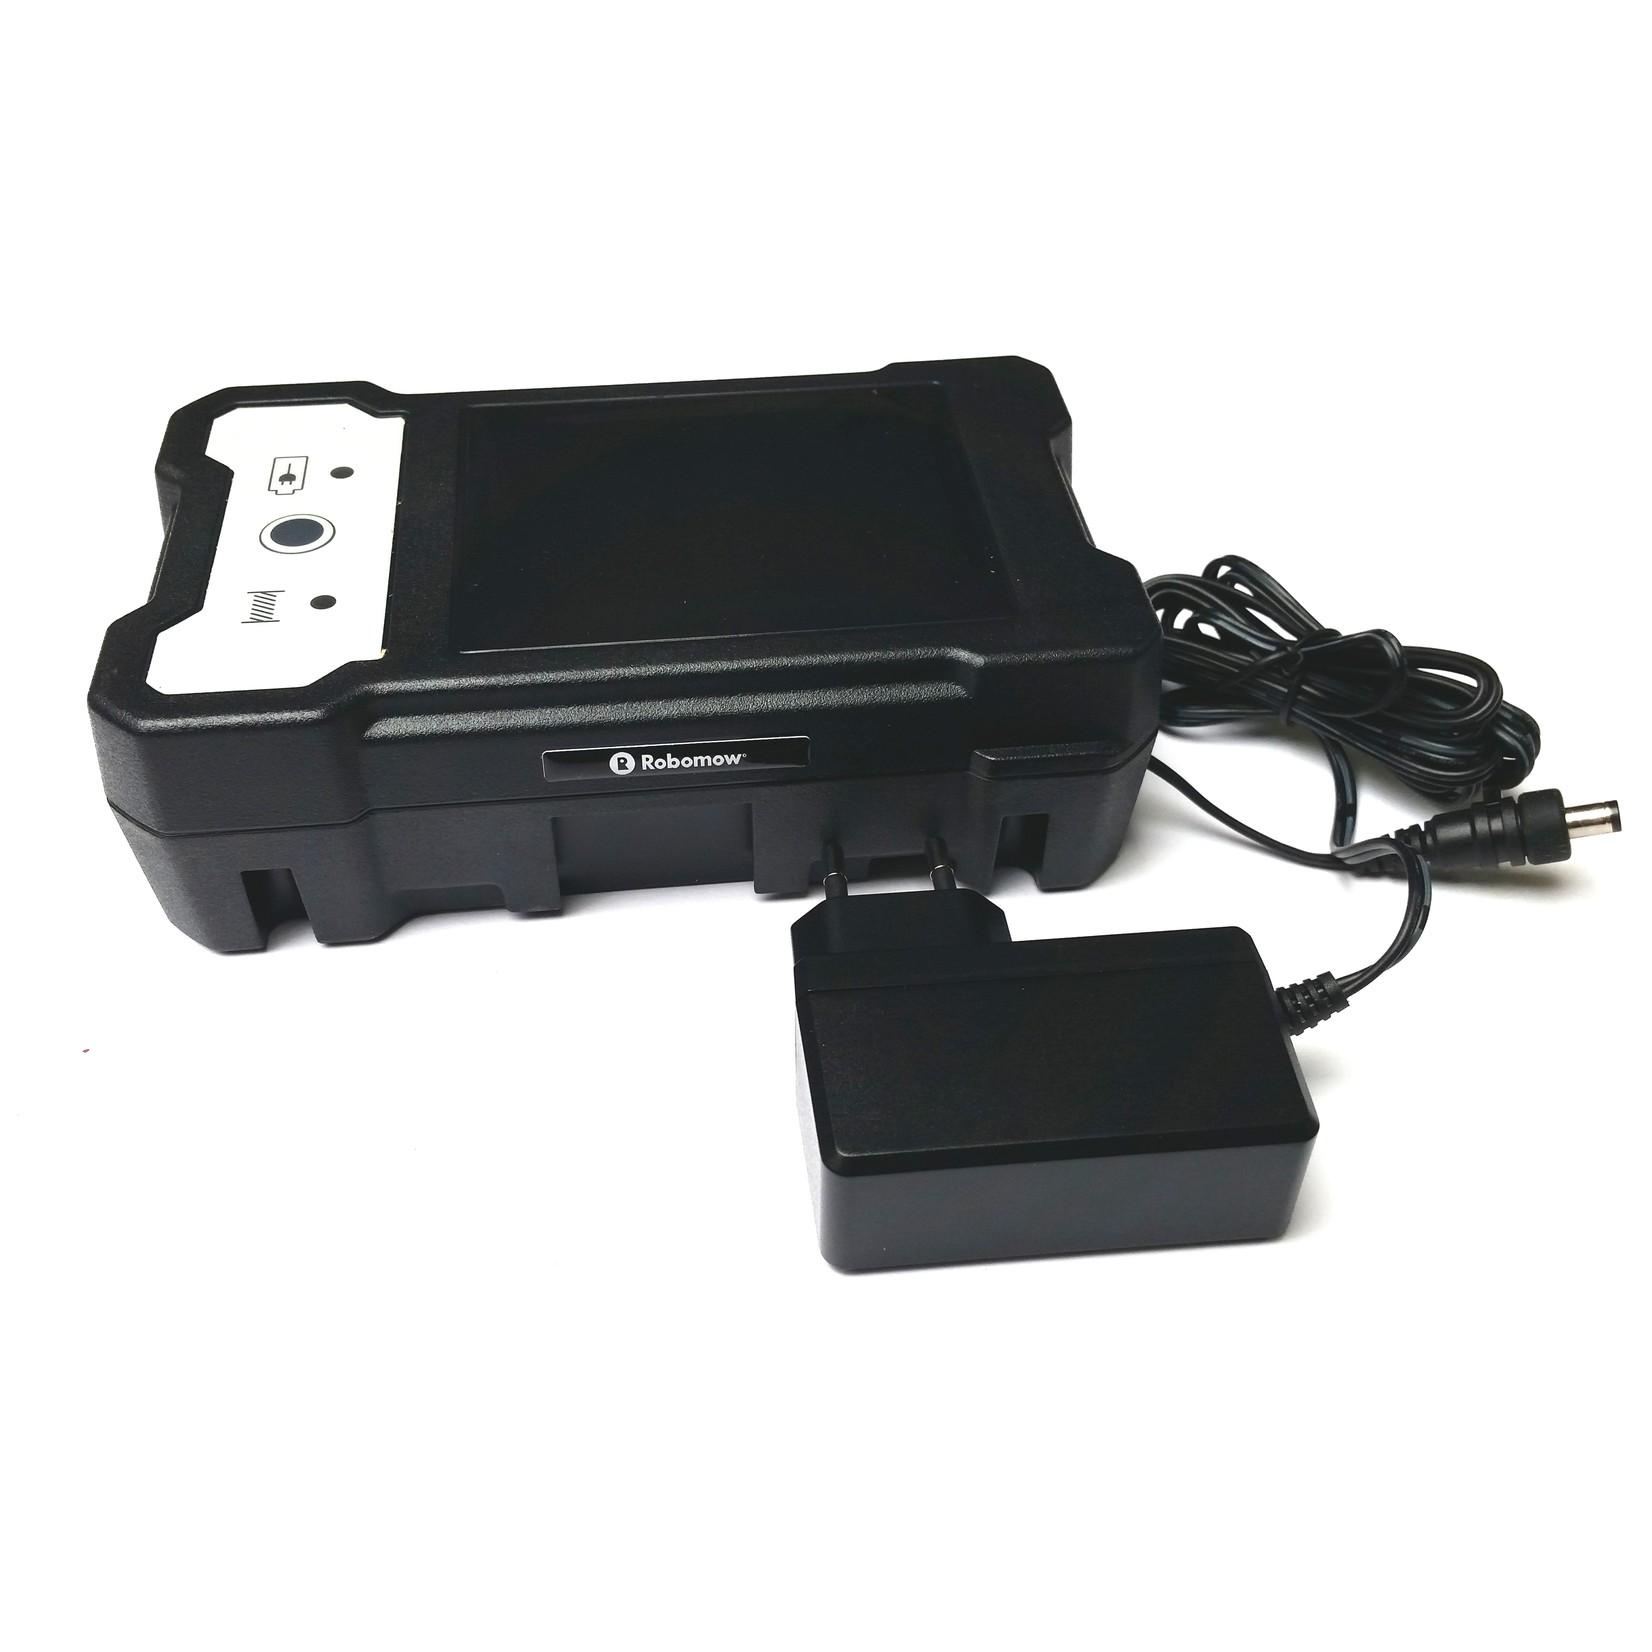 Robomow 122-024-619 Robozone  Signalgeber für RX/RC/RS Modelle  mit Netzteil